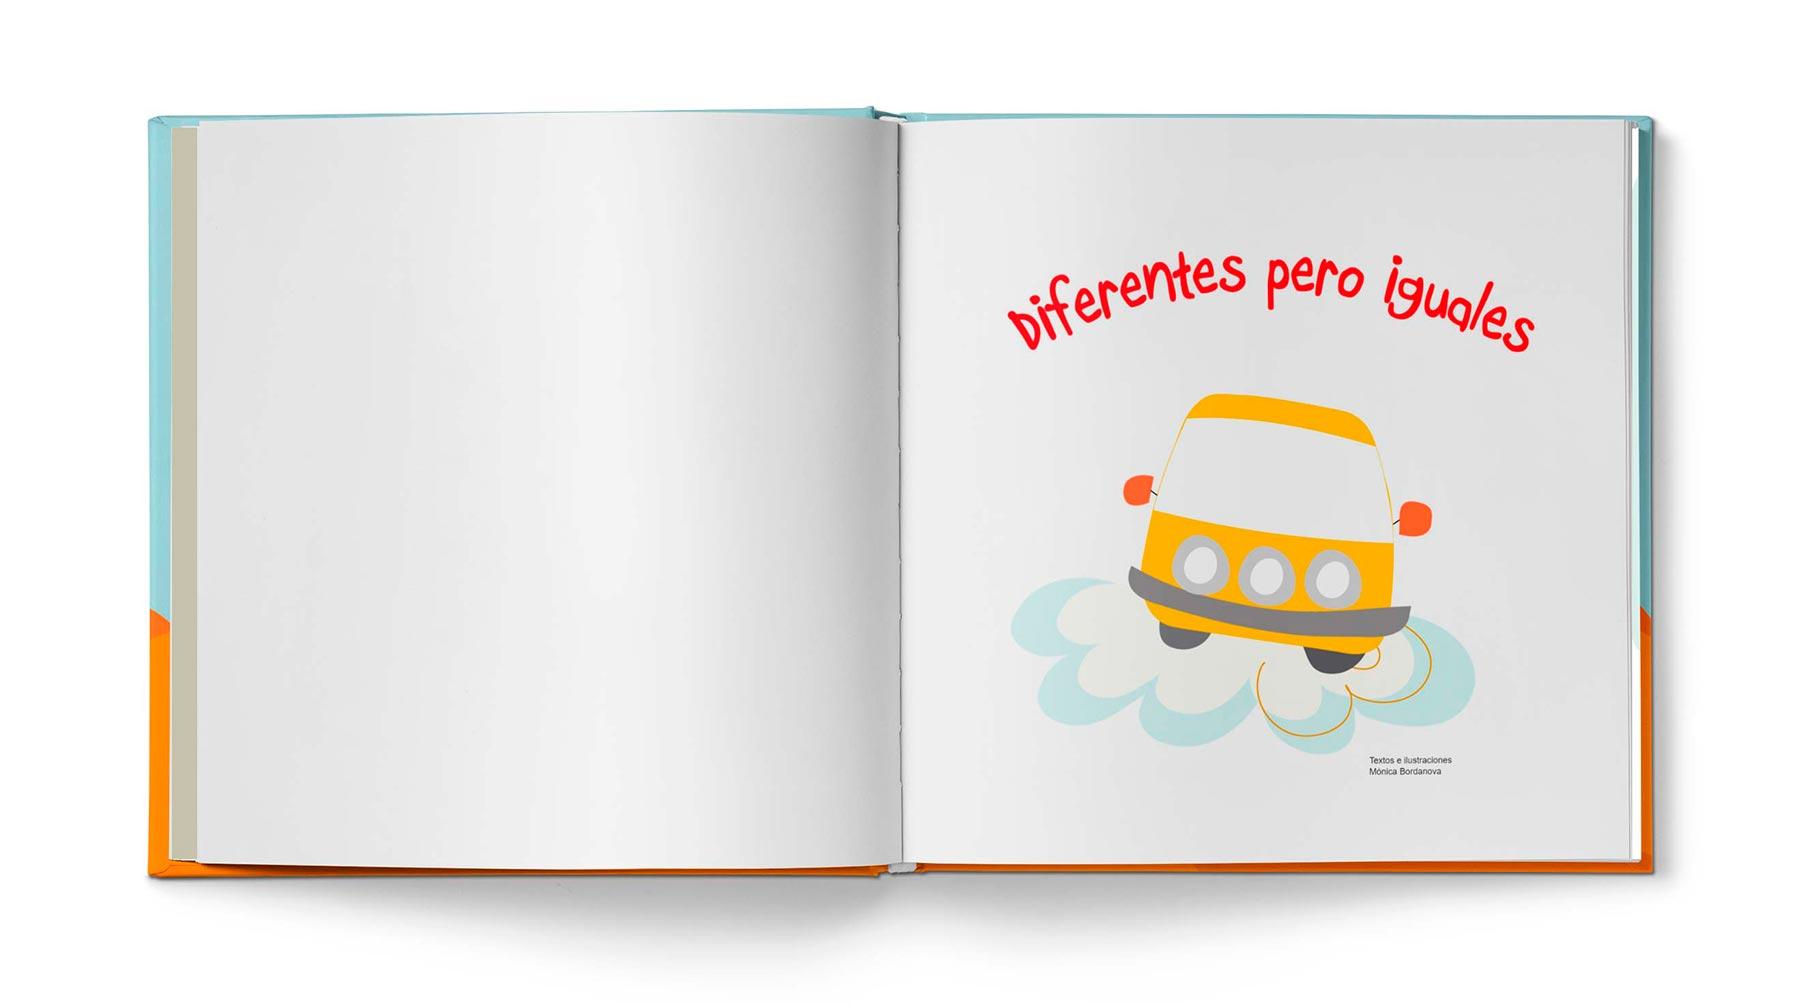 Cuento Colección peripecias - Imagen 3